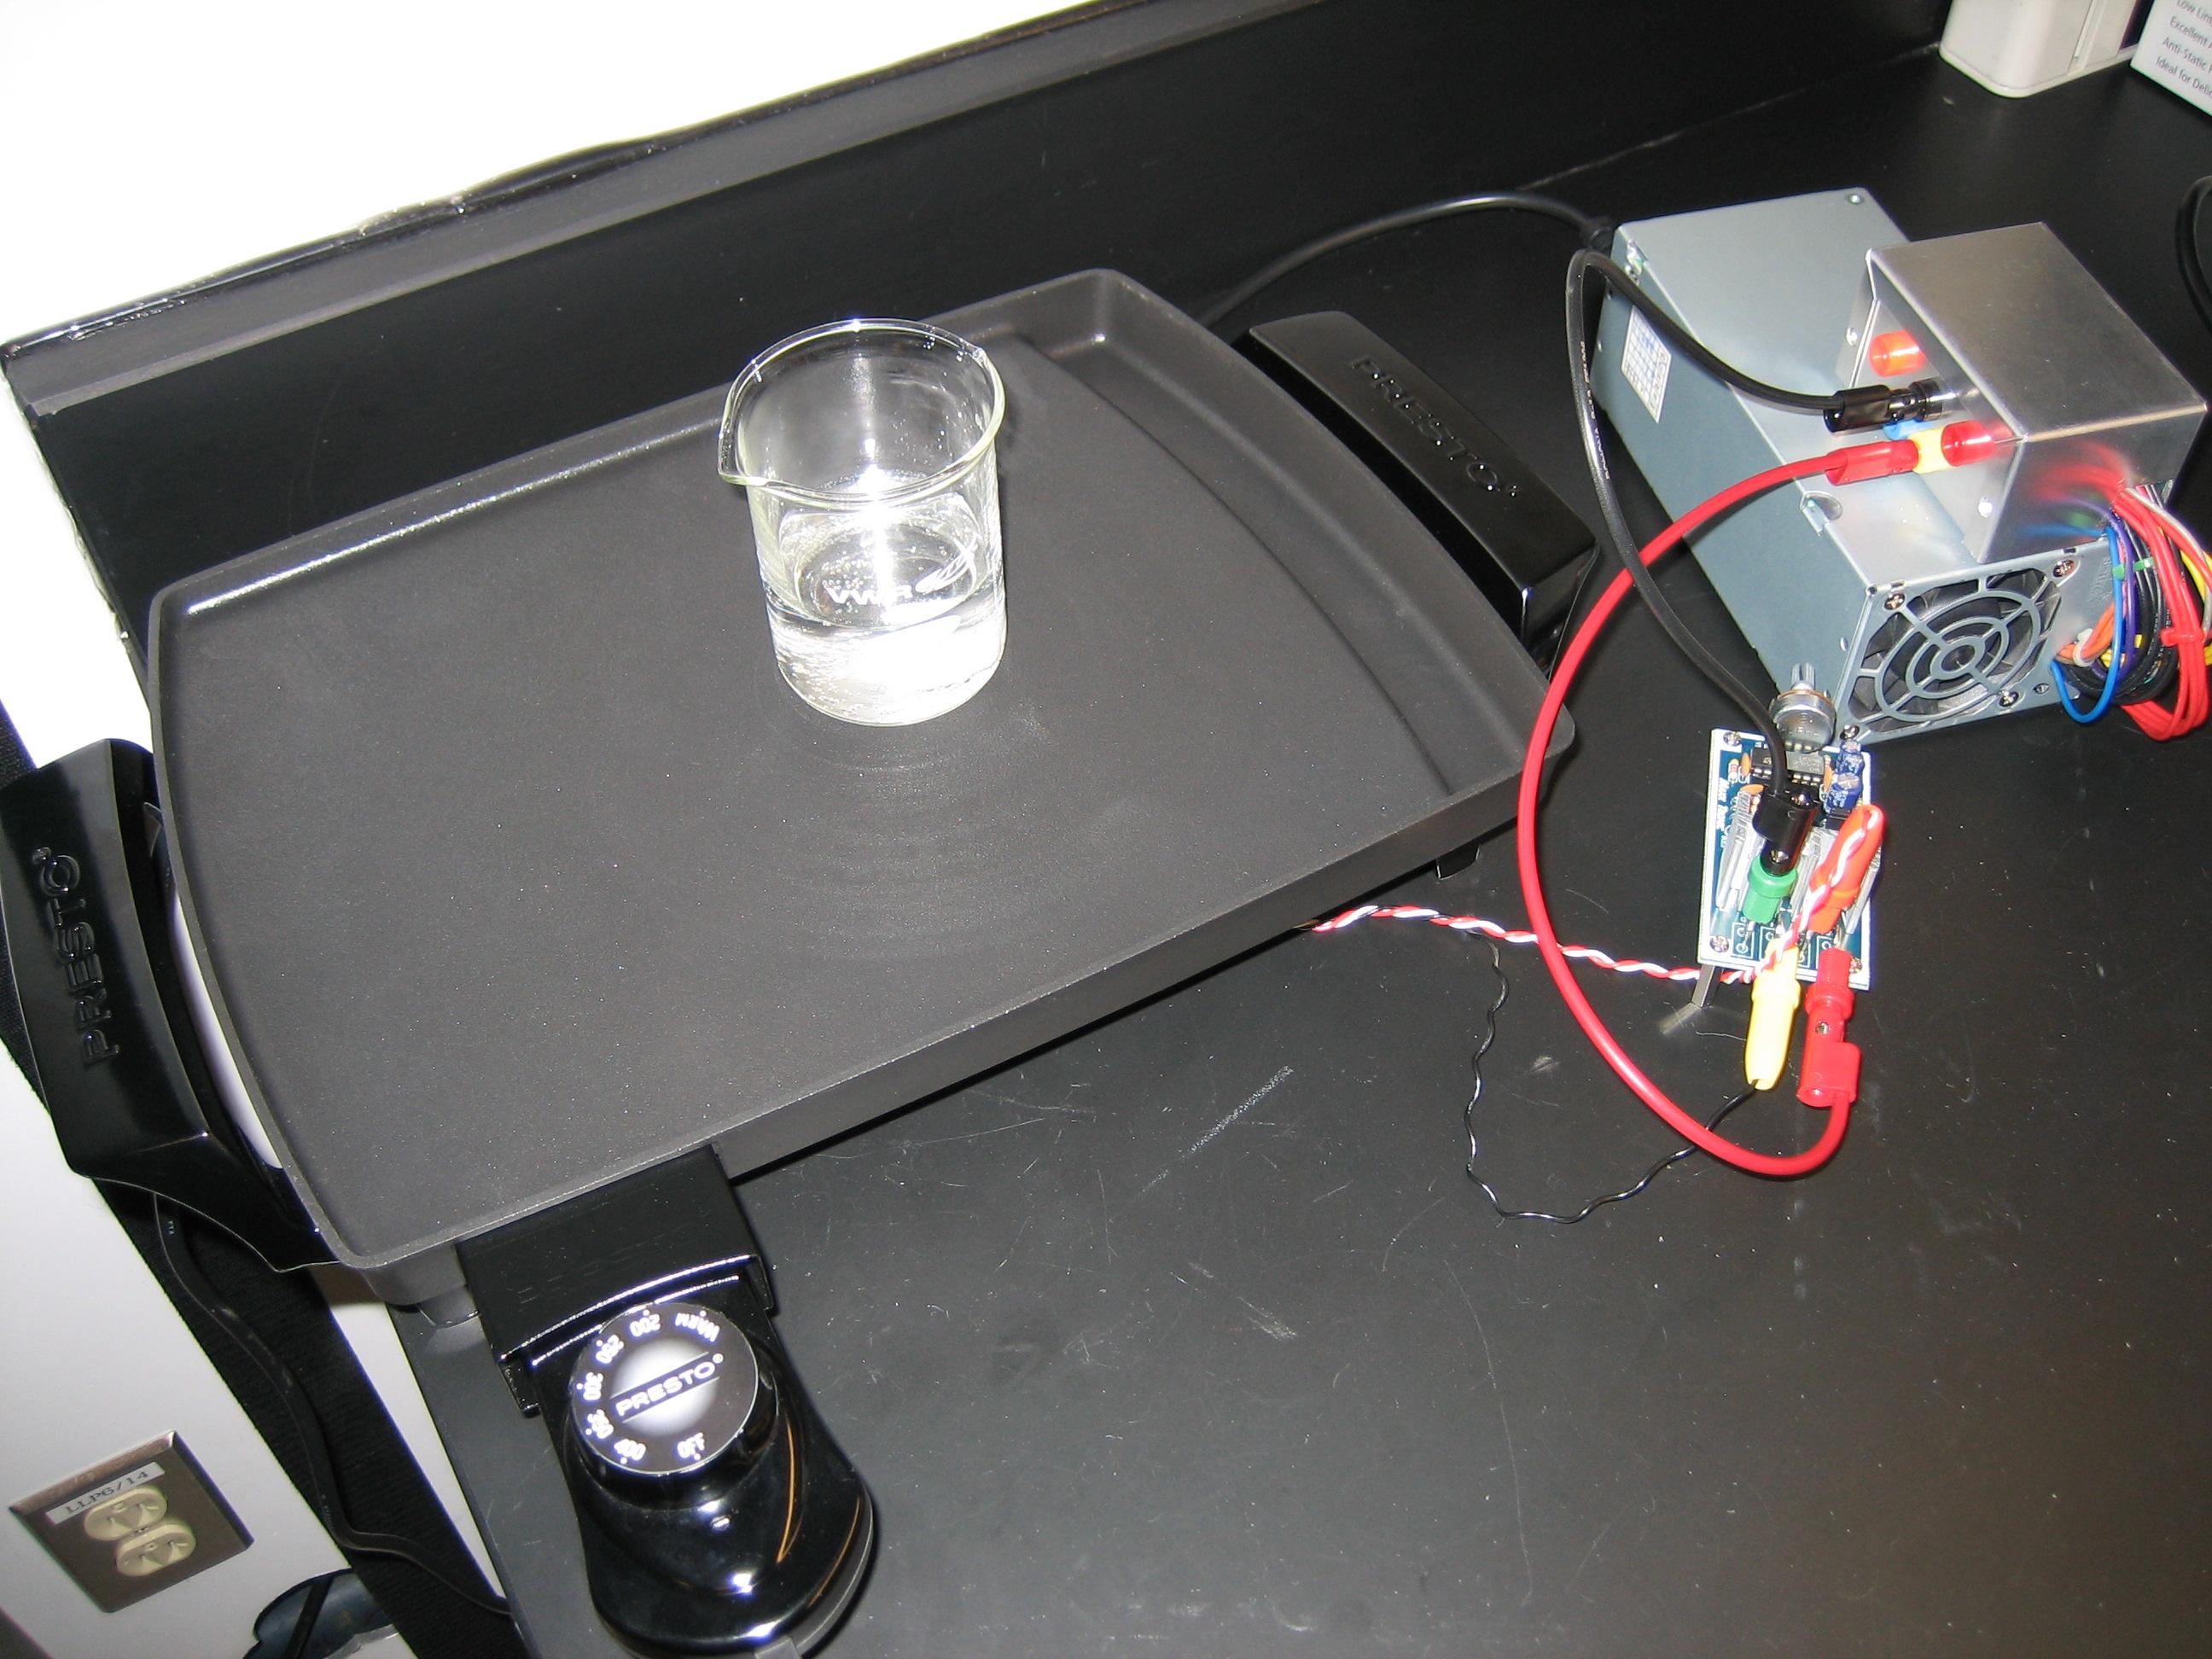 DIY Stirrer/Hot Plate